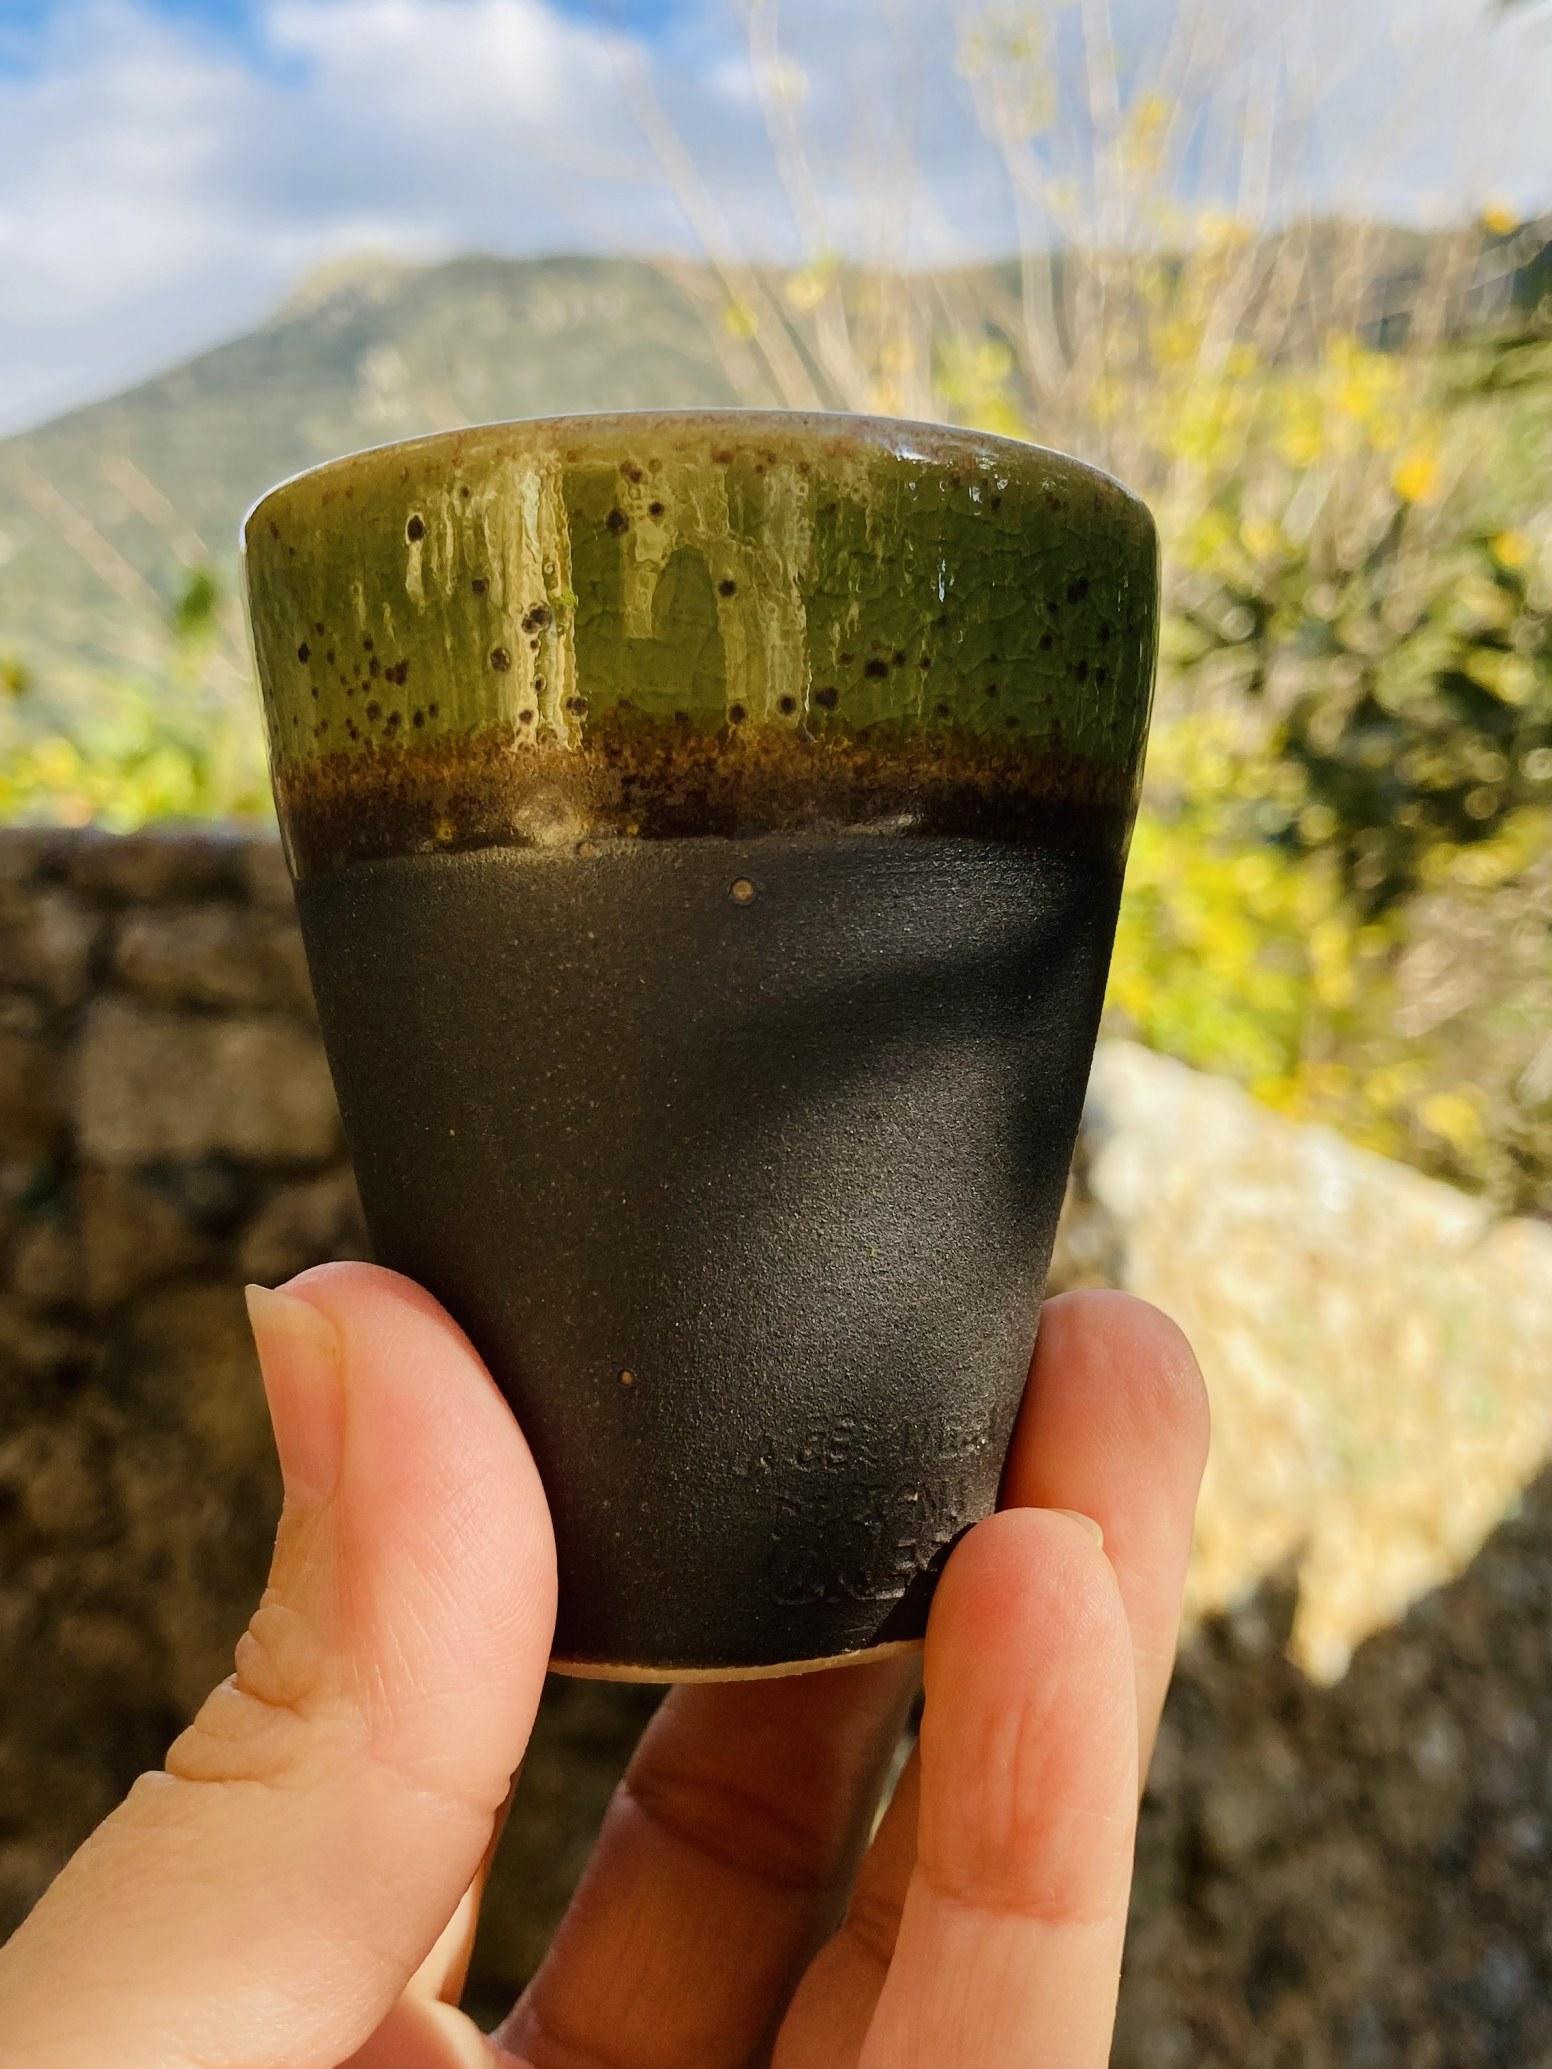 045-Tasse a café noir vert cone